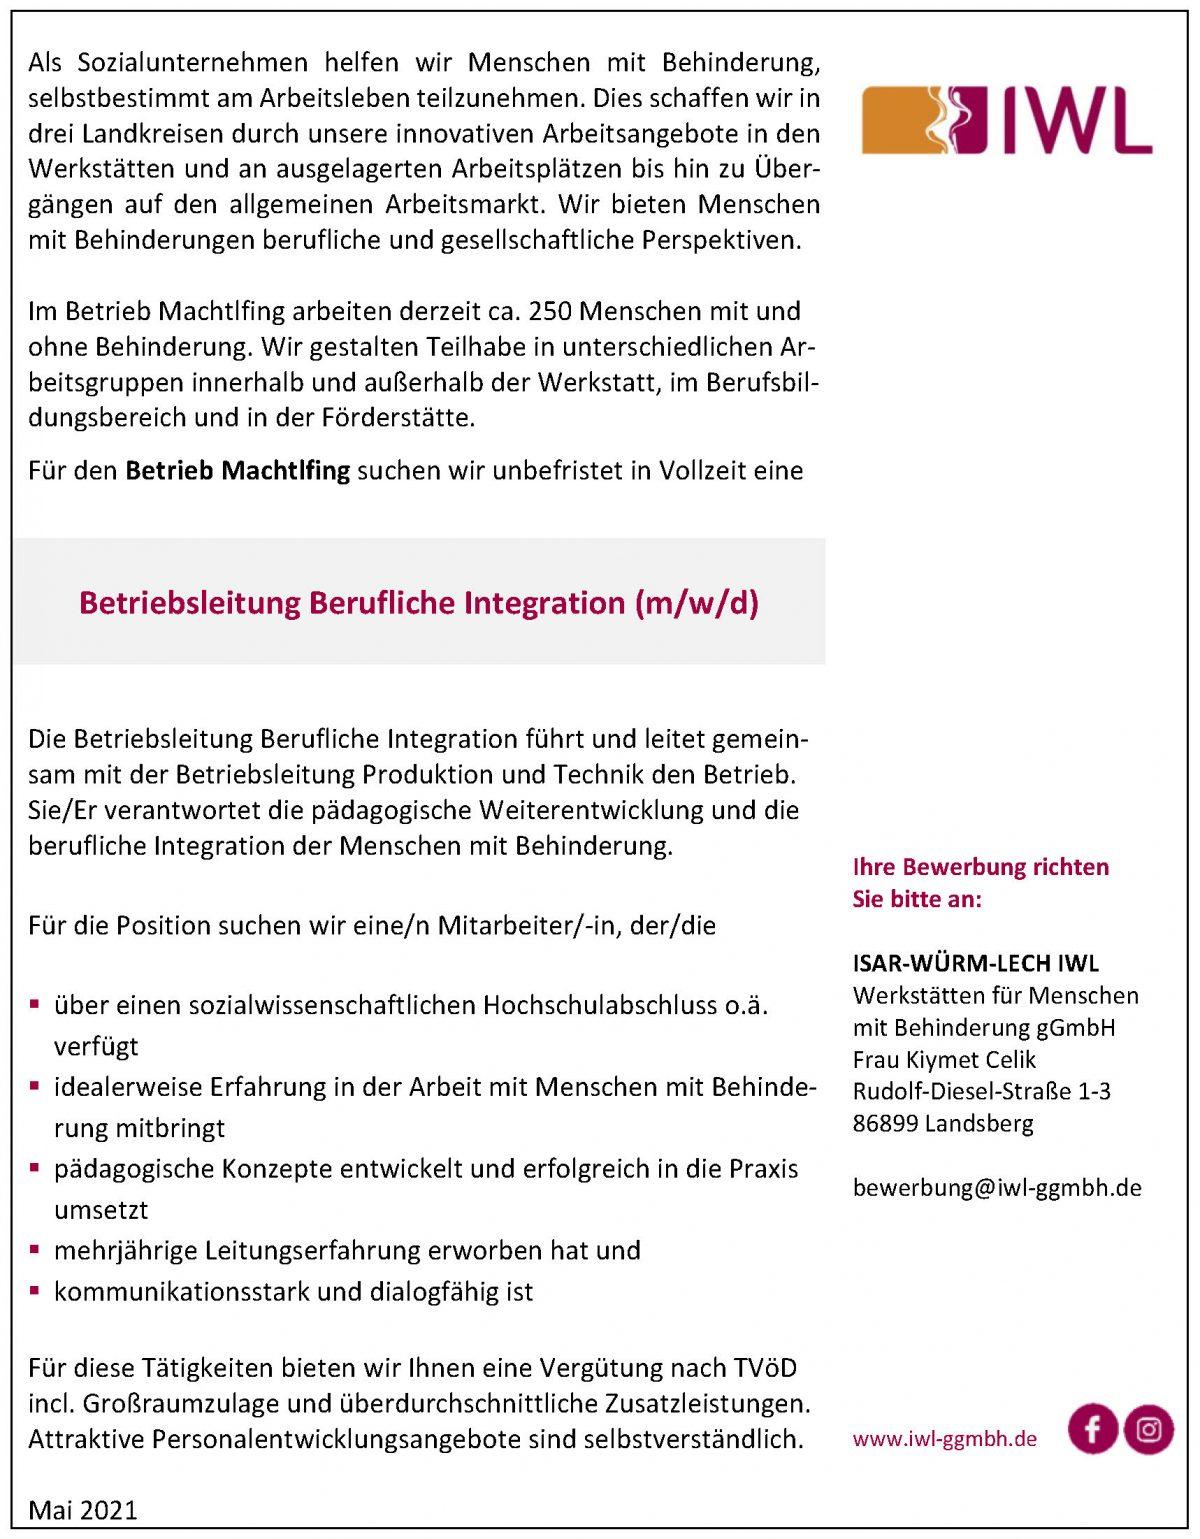 Stellenangebot IWL Berufliche Integration Machtlfing